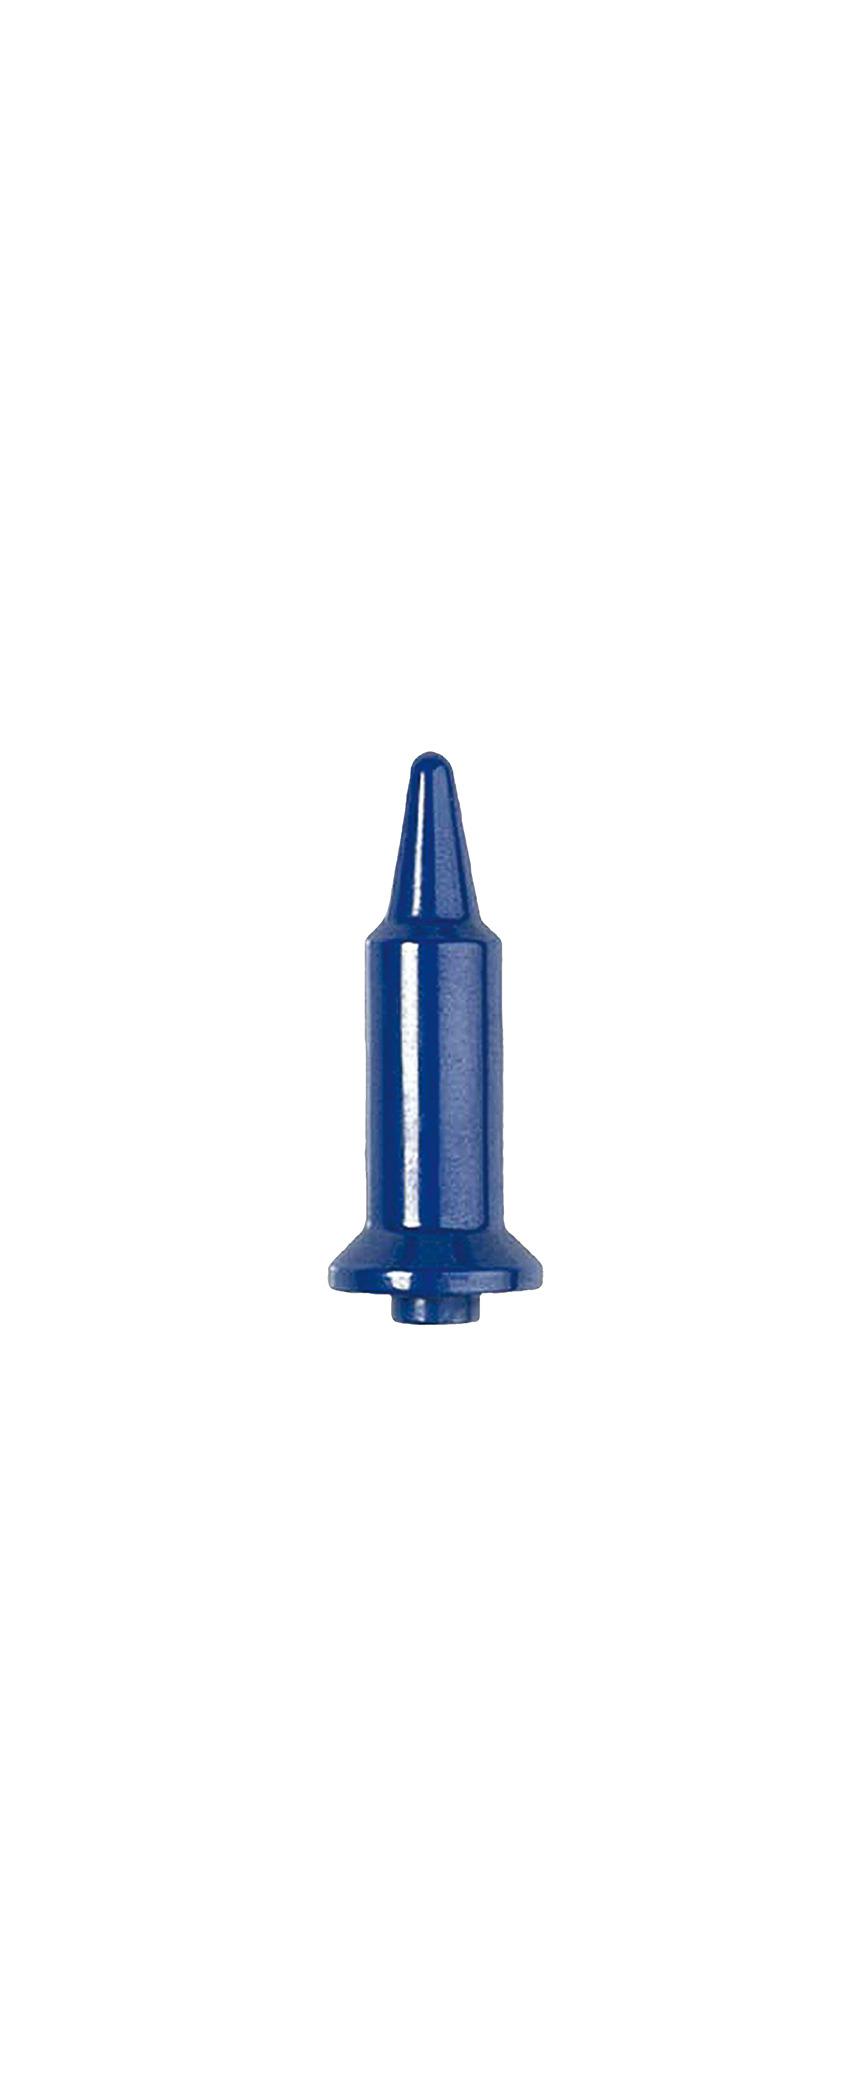 Logo Cerazur: die blaue Maschinenbaukeramik